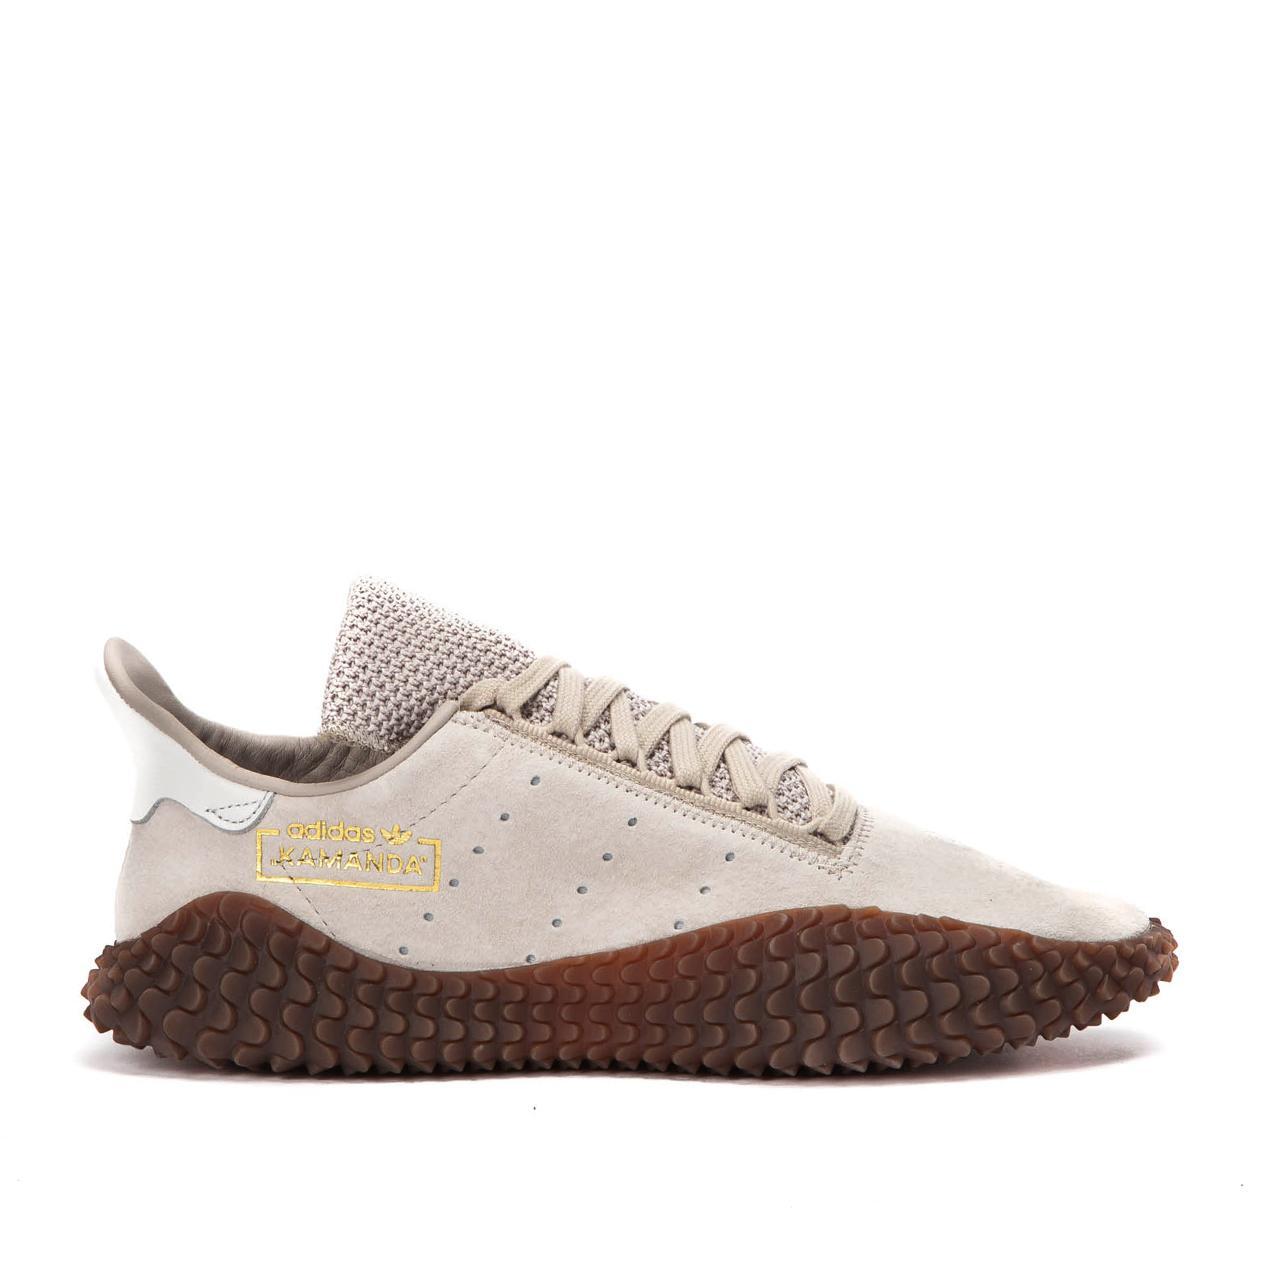 premium selection 2b015 980d2 Adidas - Brown Kamanda 01 for Men - Lyst. View fullscreen